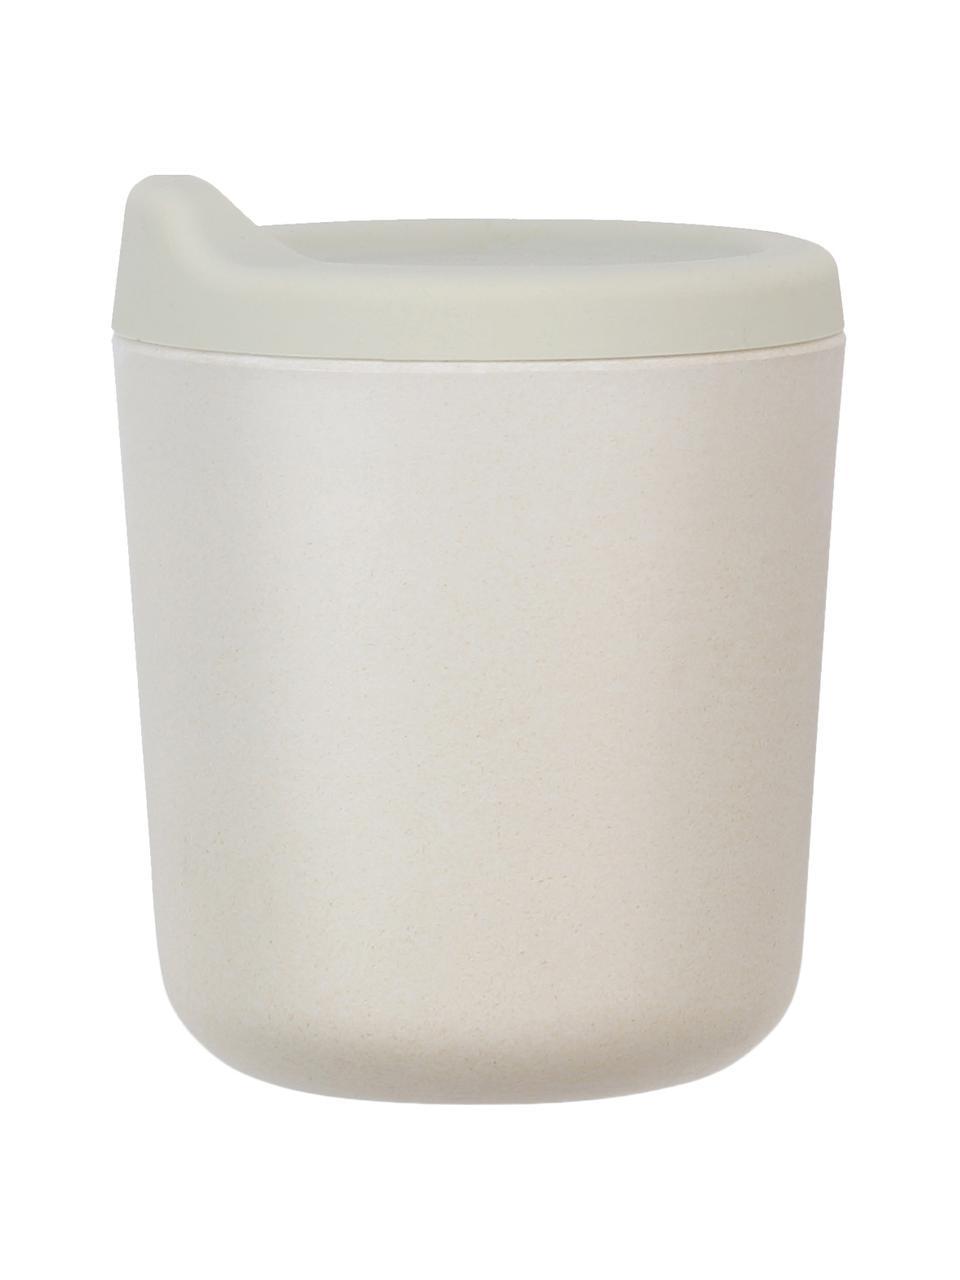 Tazza Bambino, Fibra di bambù, melamina, adatto per alimenti Senza BPA, PVC e ftalati, Grigio chiaro, Ø 7 x Alt. 9 cm